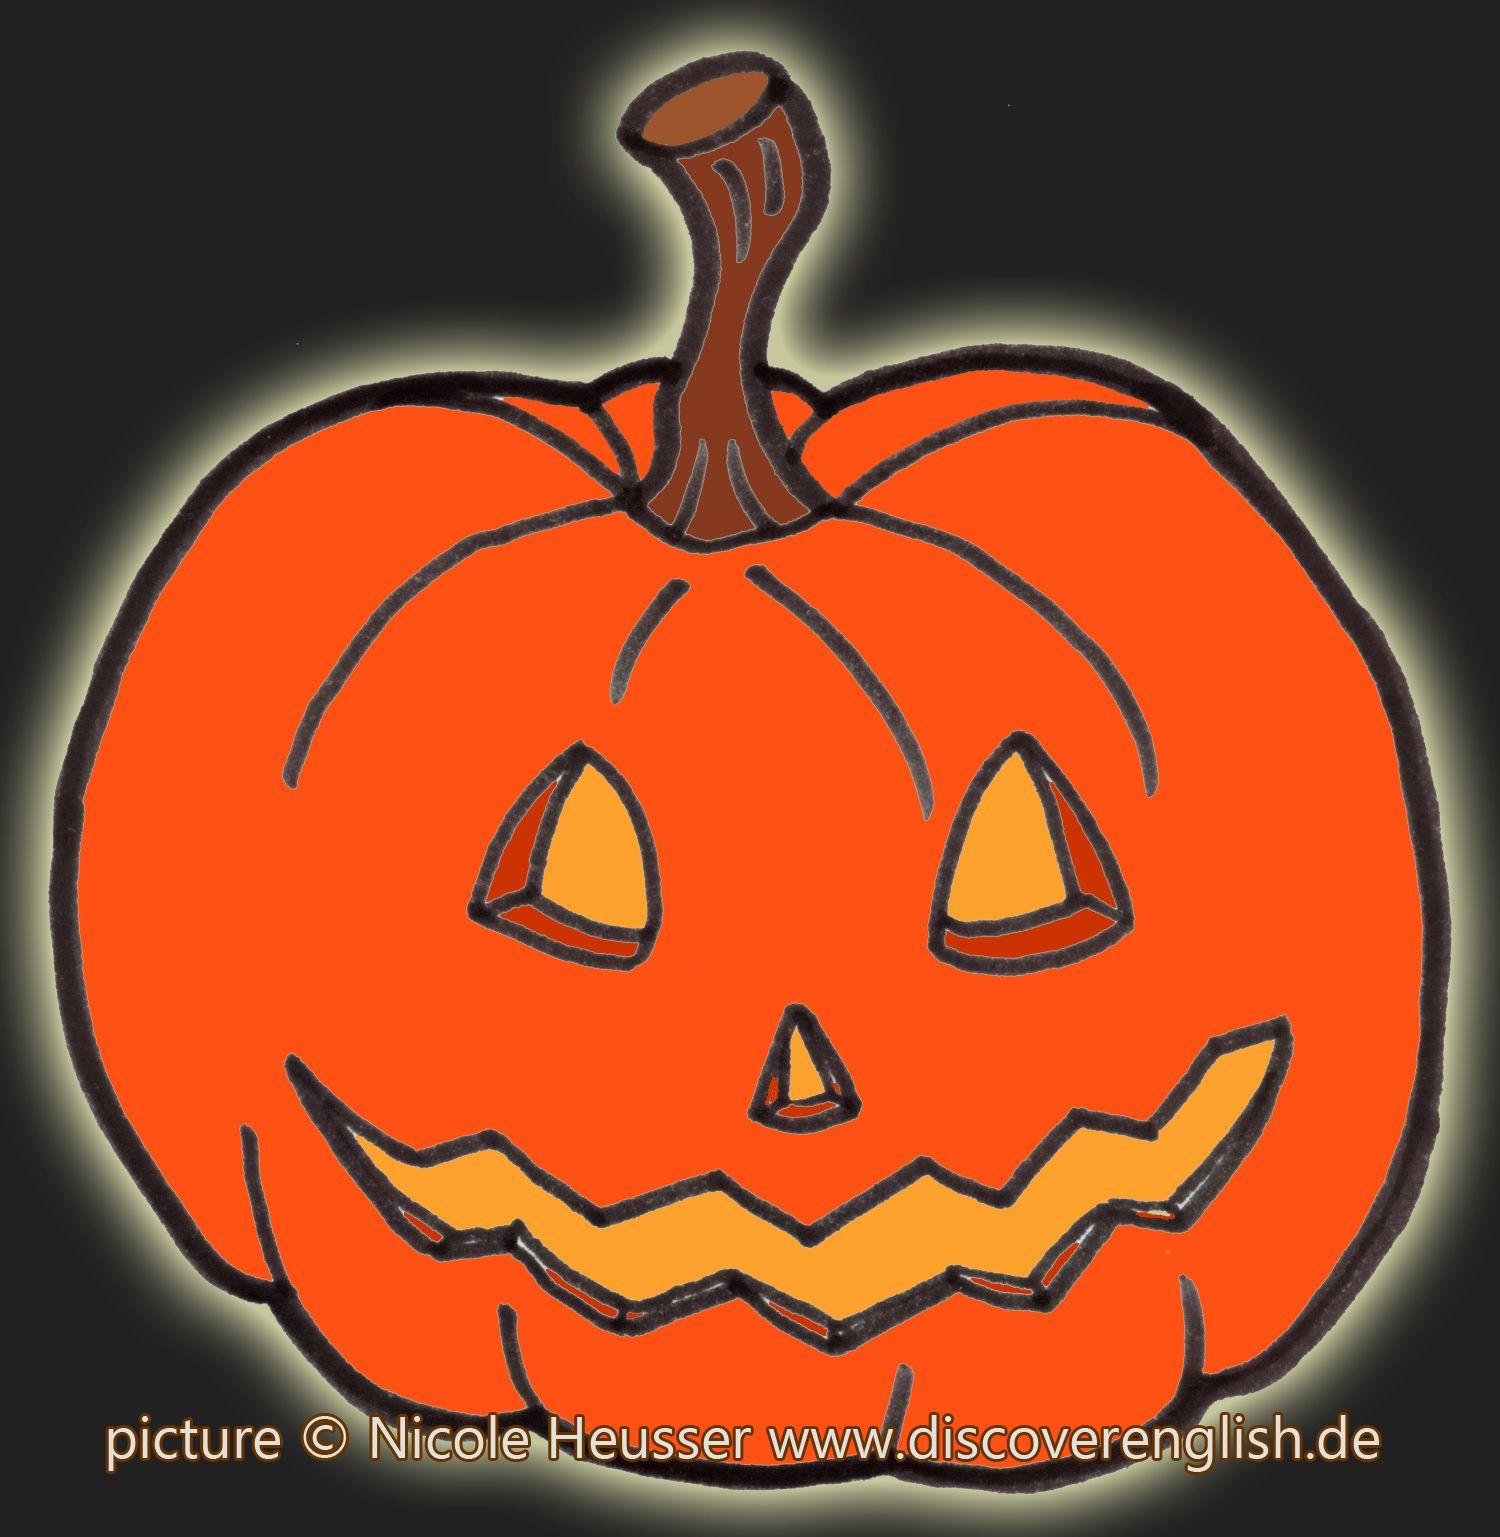 Halloween Kurbis Auf Englisch.The Story Behind Halloween Jack O Lanterns A Halloween Themed Efl Esl Lesson Plan Unterrichtsmaterial Im Fach Englisch Unterrichtsmaterial Halloween Kleingruppe